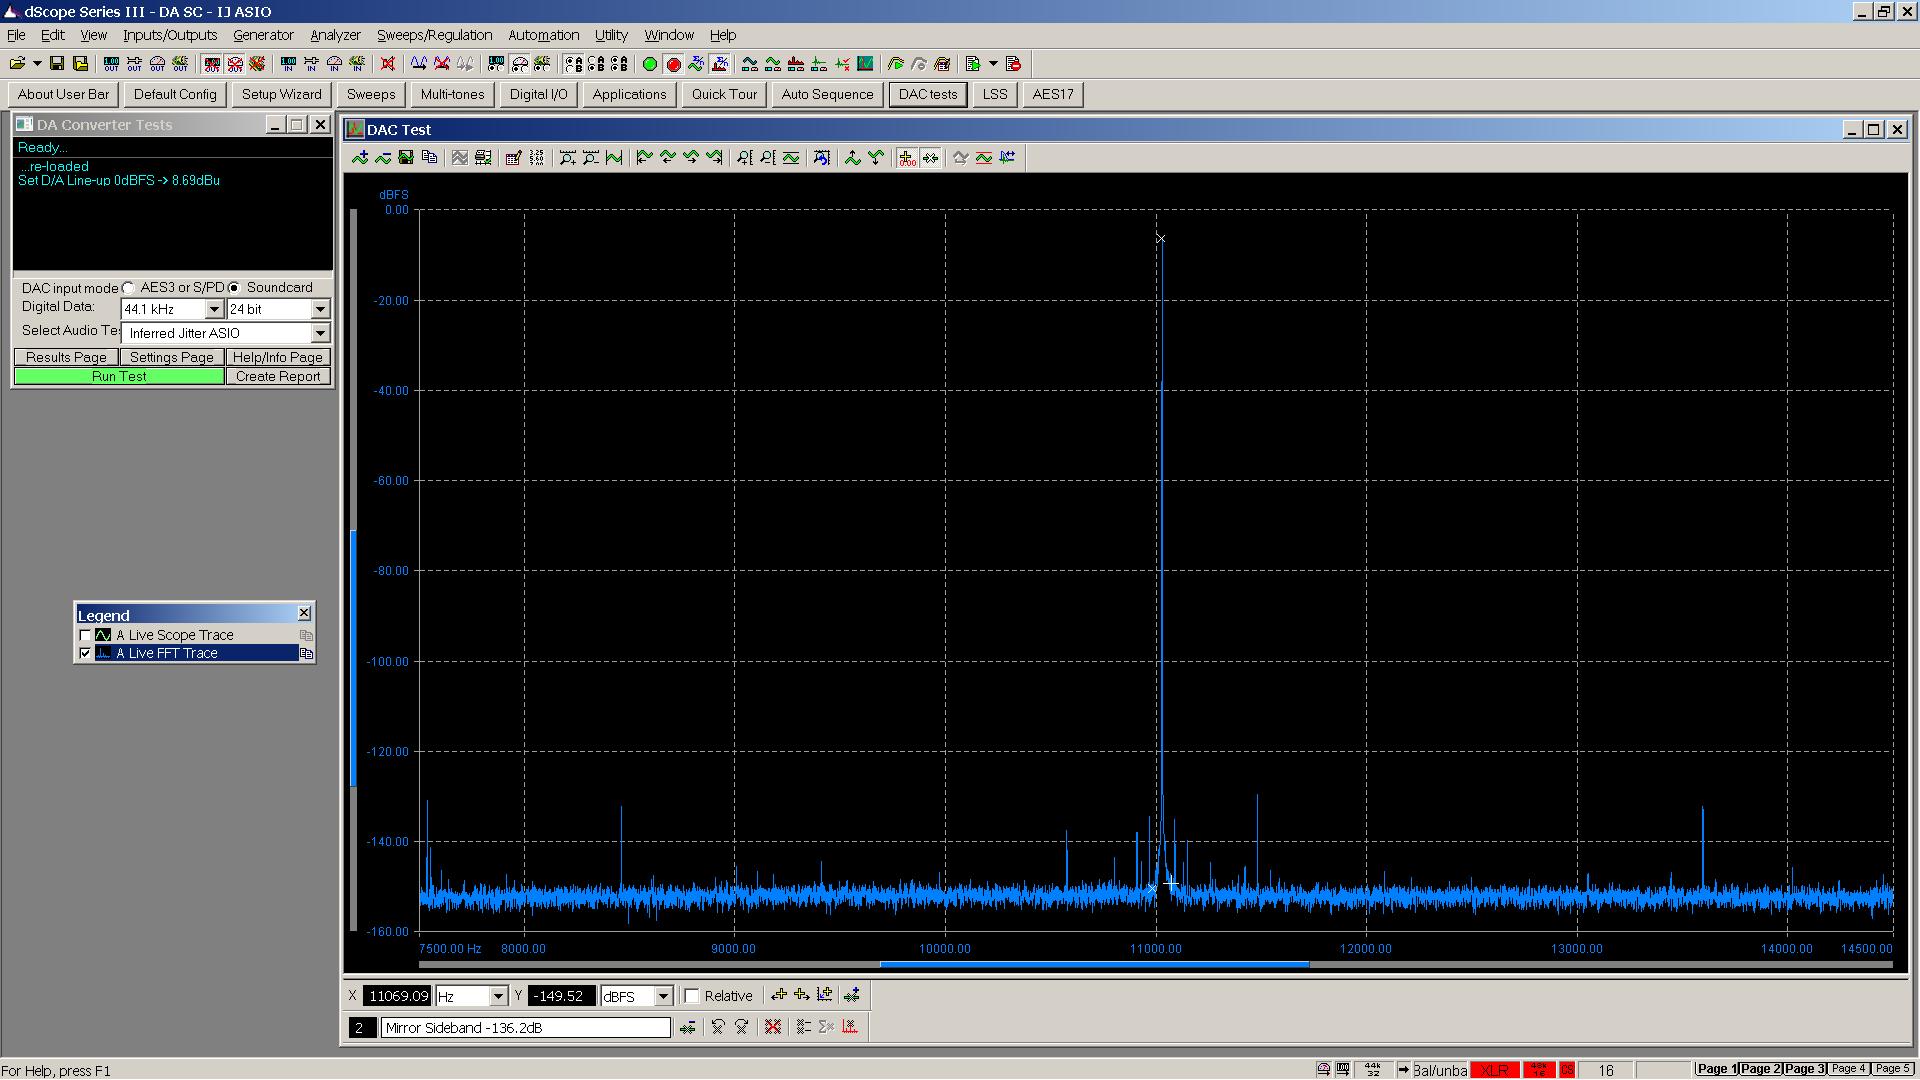 20170327 Modi MB inferred jitter - SPDIF - SU-1 - 90 min.png